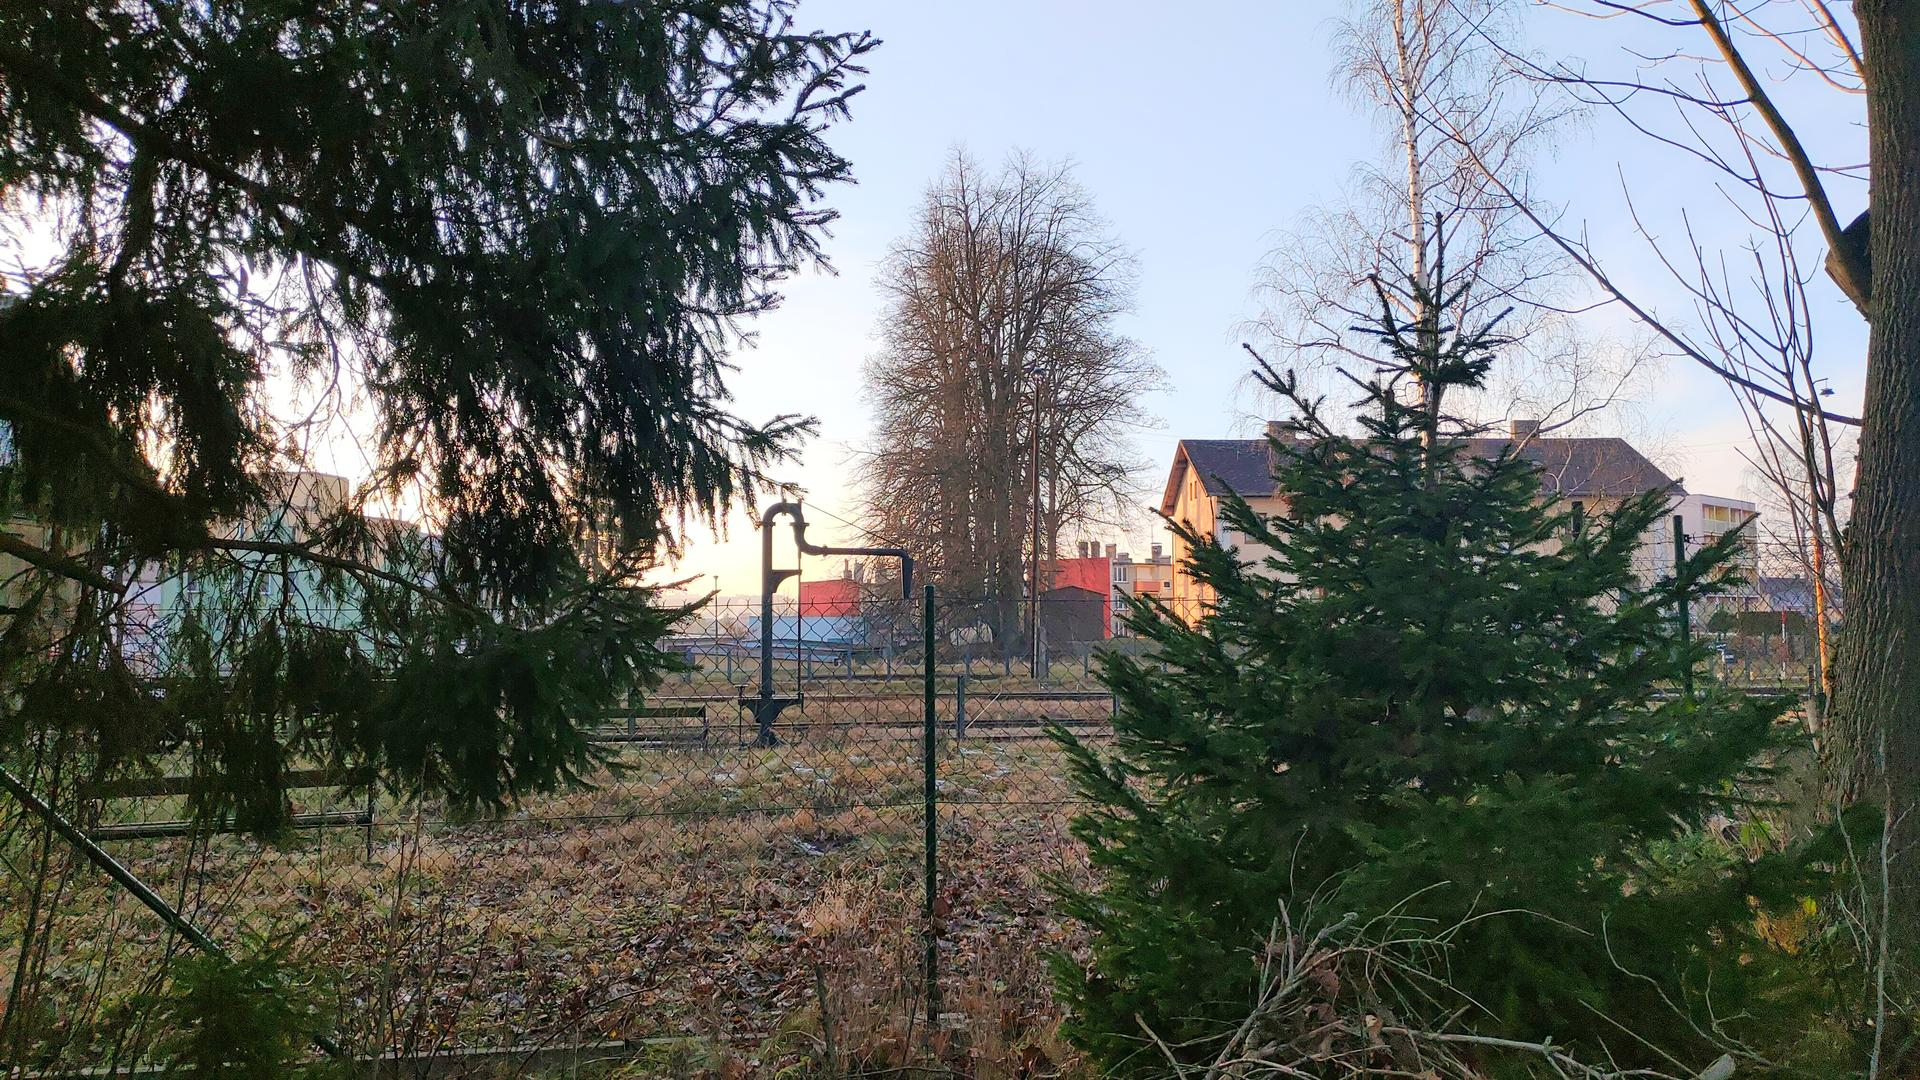 Projekt víkendové bydlení II (aneb návrat ke kořenům)